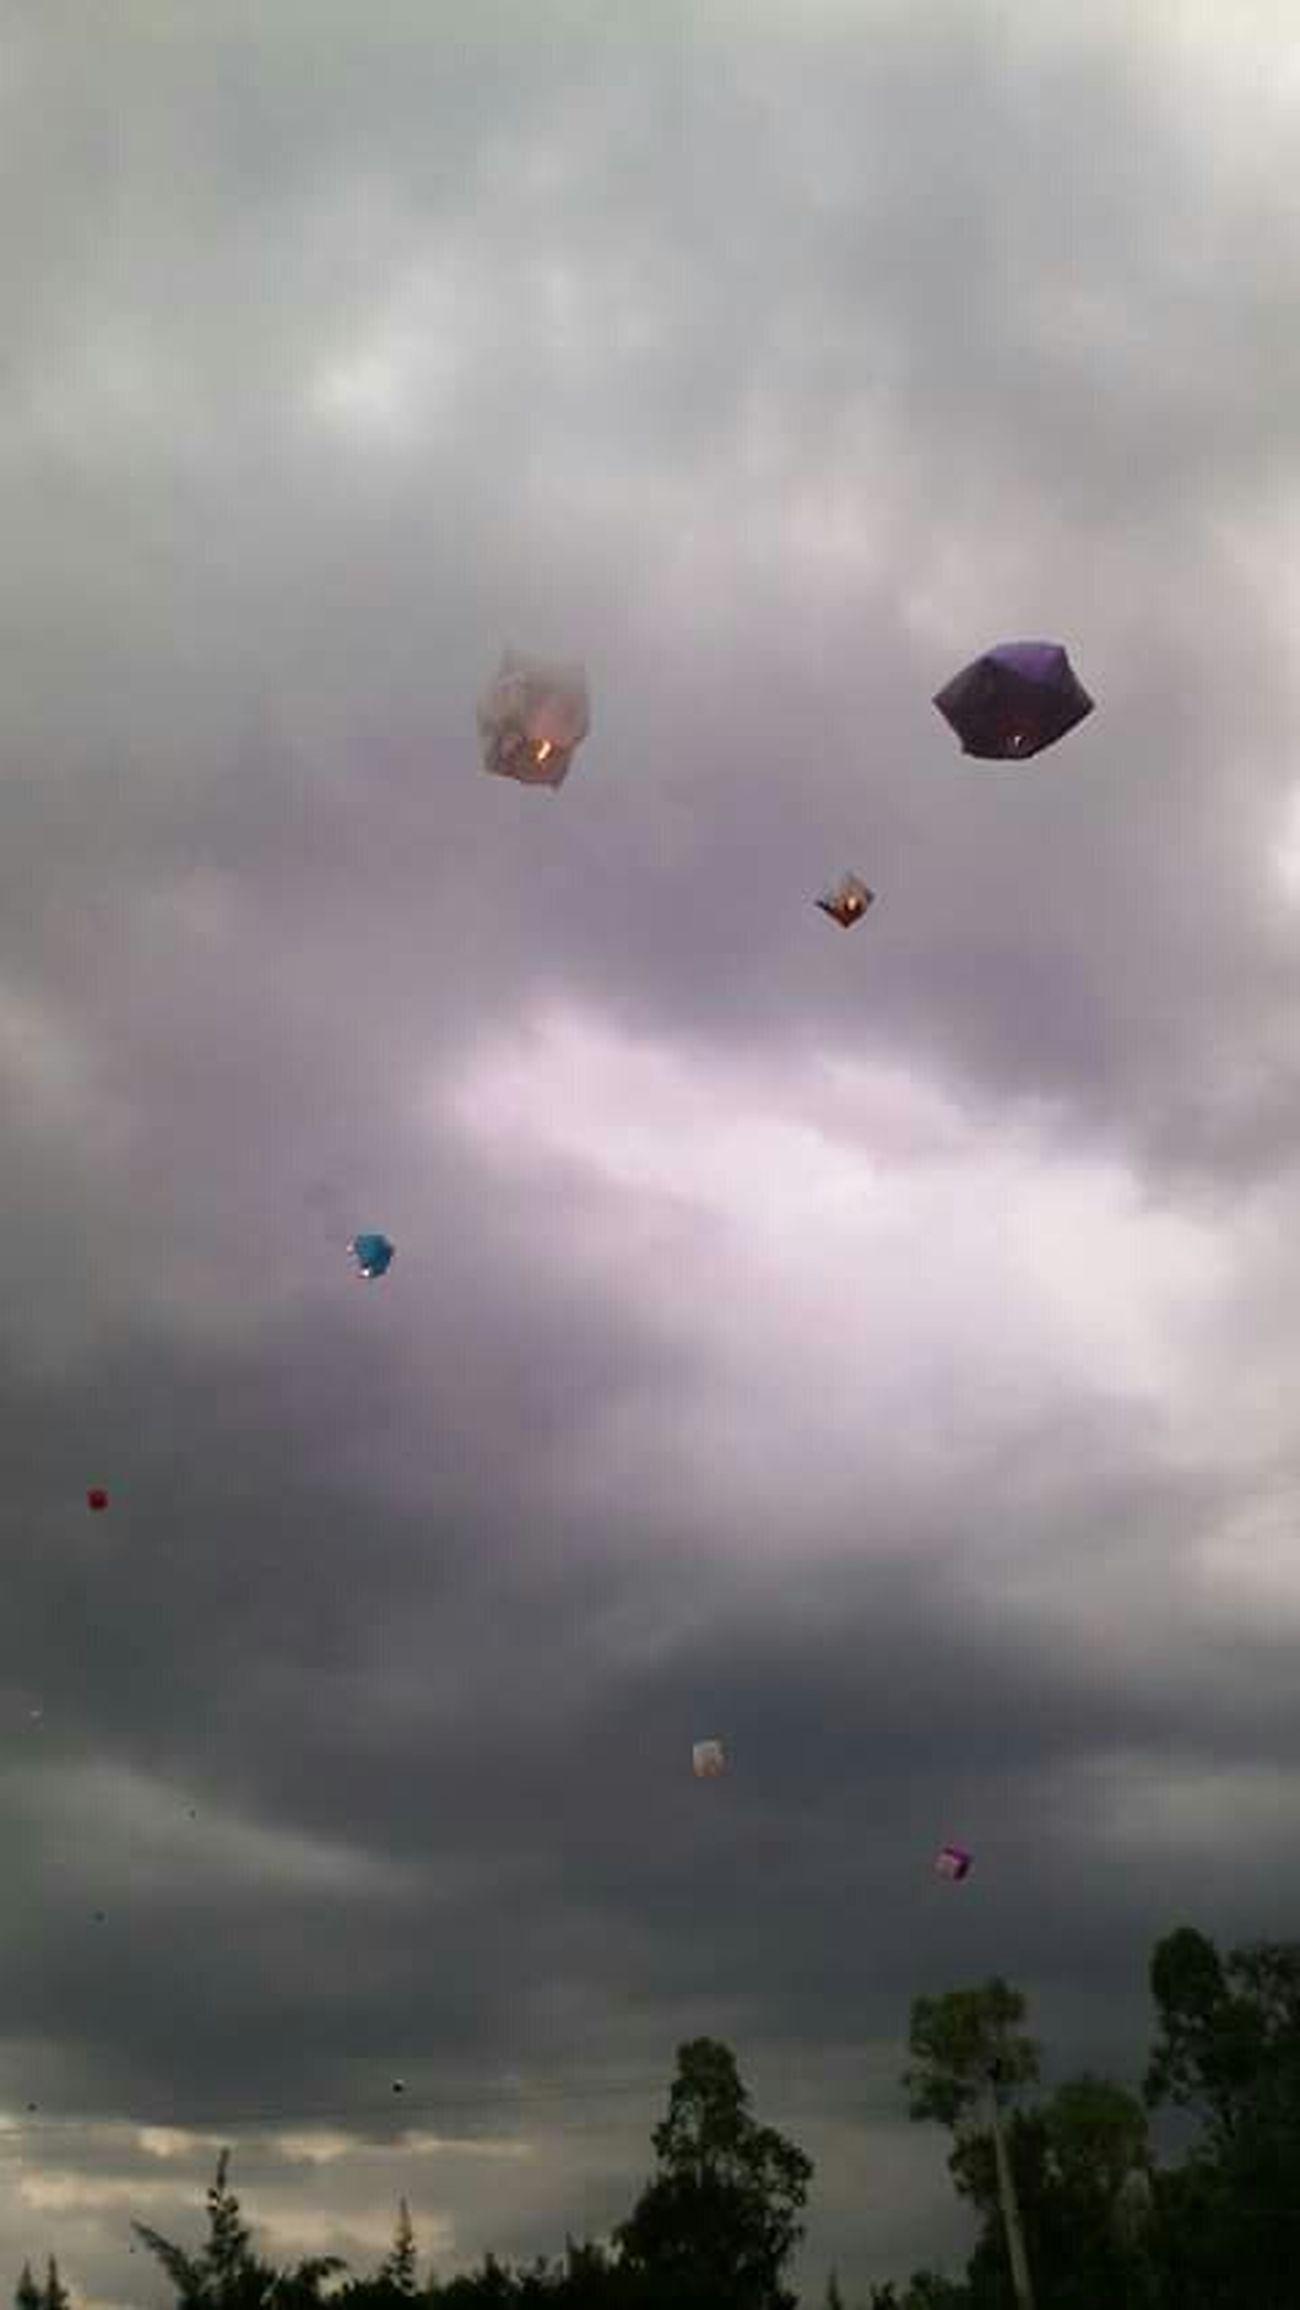 Globos De Cantoya Fly Todos Flotan Cielo Gris Popular Photo